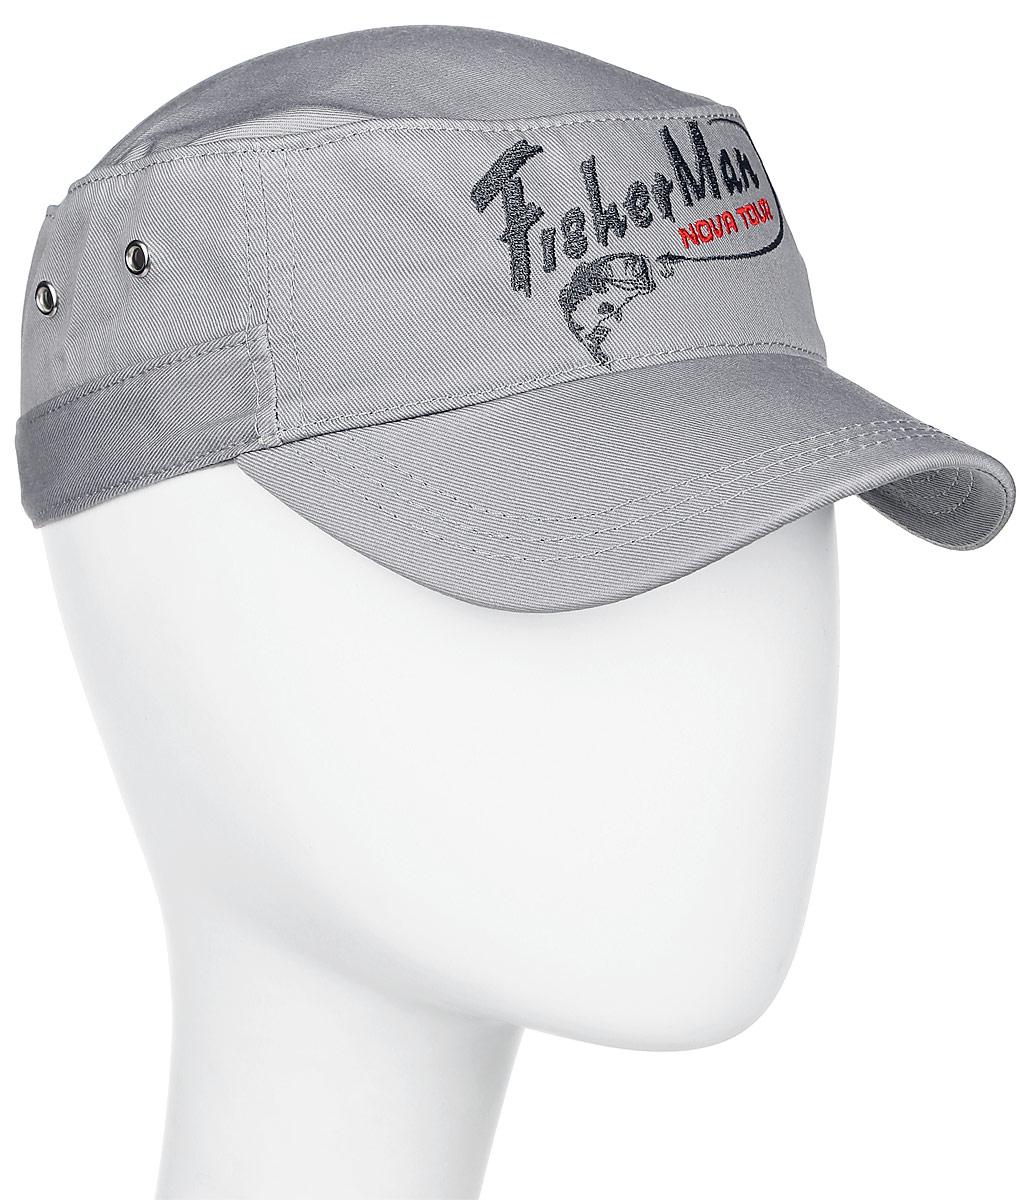 Кепка FisherMan Nova Tour кепка для рыбалки fisherman nova tour кипер цвет черный 95334 901 размер 57